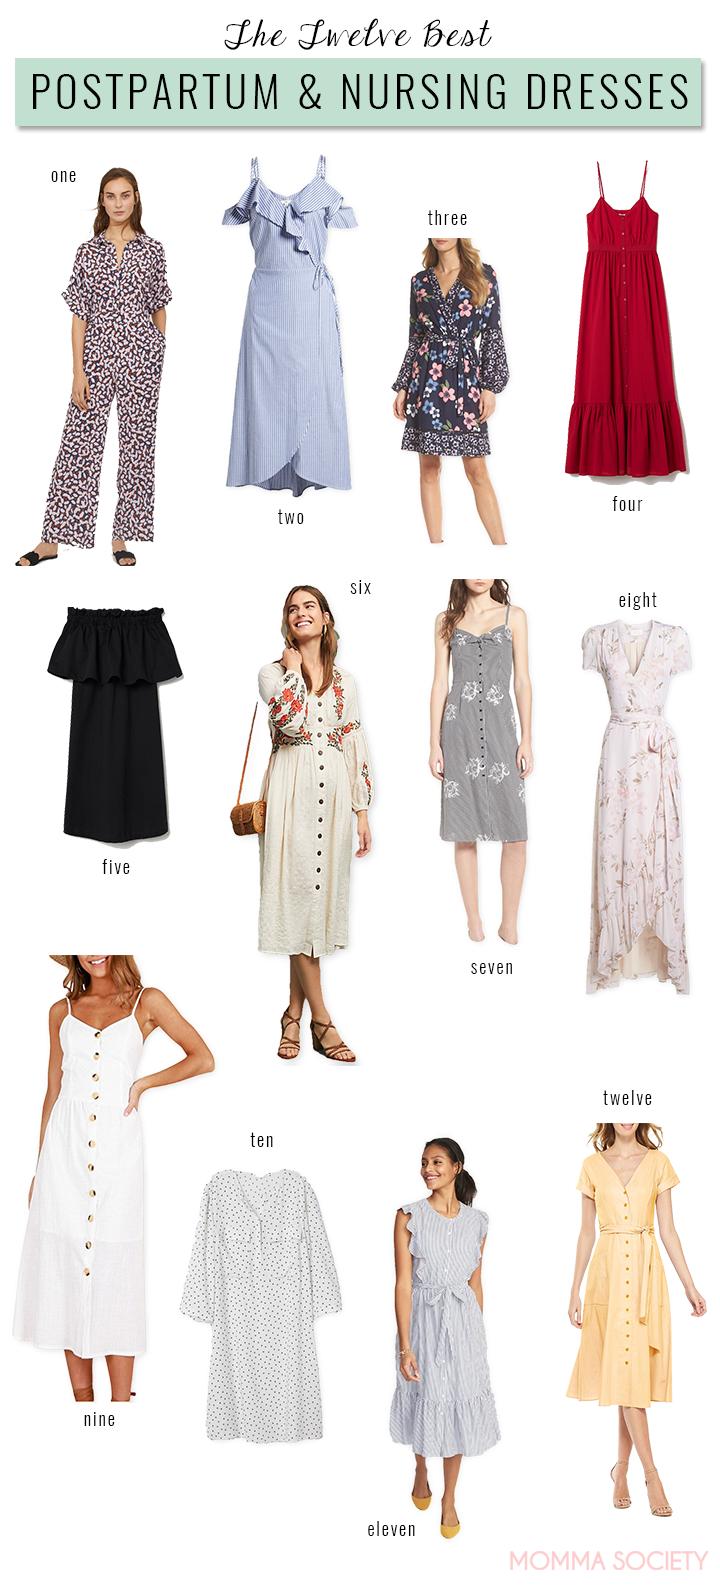 The Best Nursing Postpartum Dresses For The Modern Momma Momma Society Nursing Friendly Dress Postpartum Dresses Post Partum Outfits